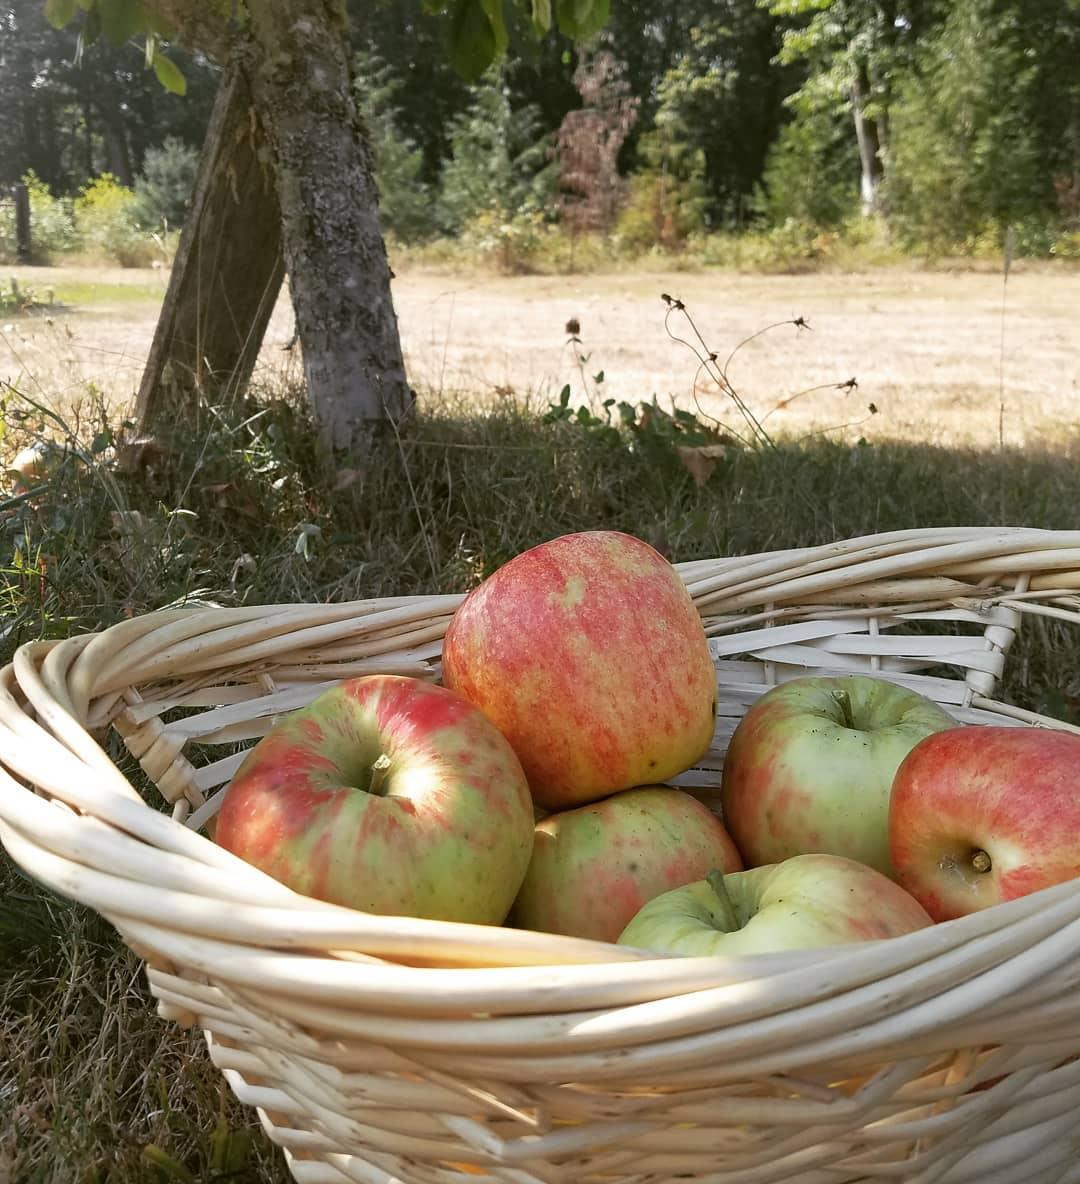 Cuộc sống hạnh phúc của mẹ trẻ xinh đẹp với công việc hàng ngày là chăm con và trồng rau quả sạch - Ảnh 20.